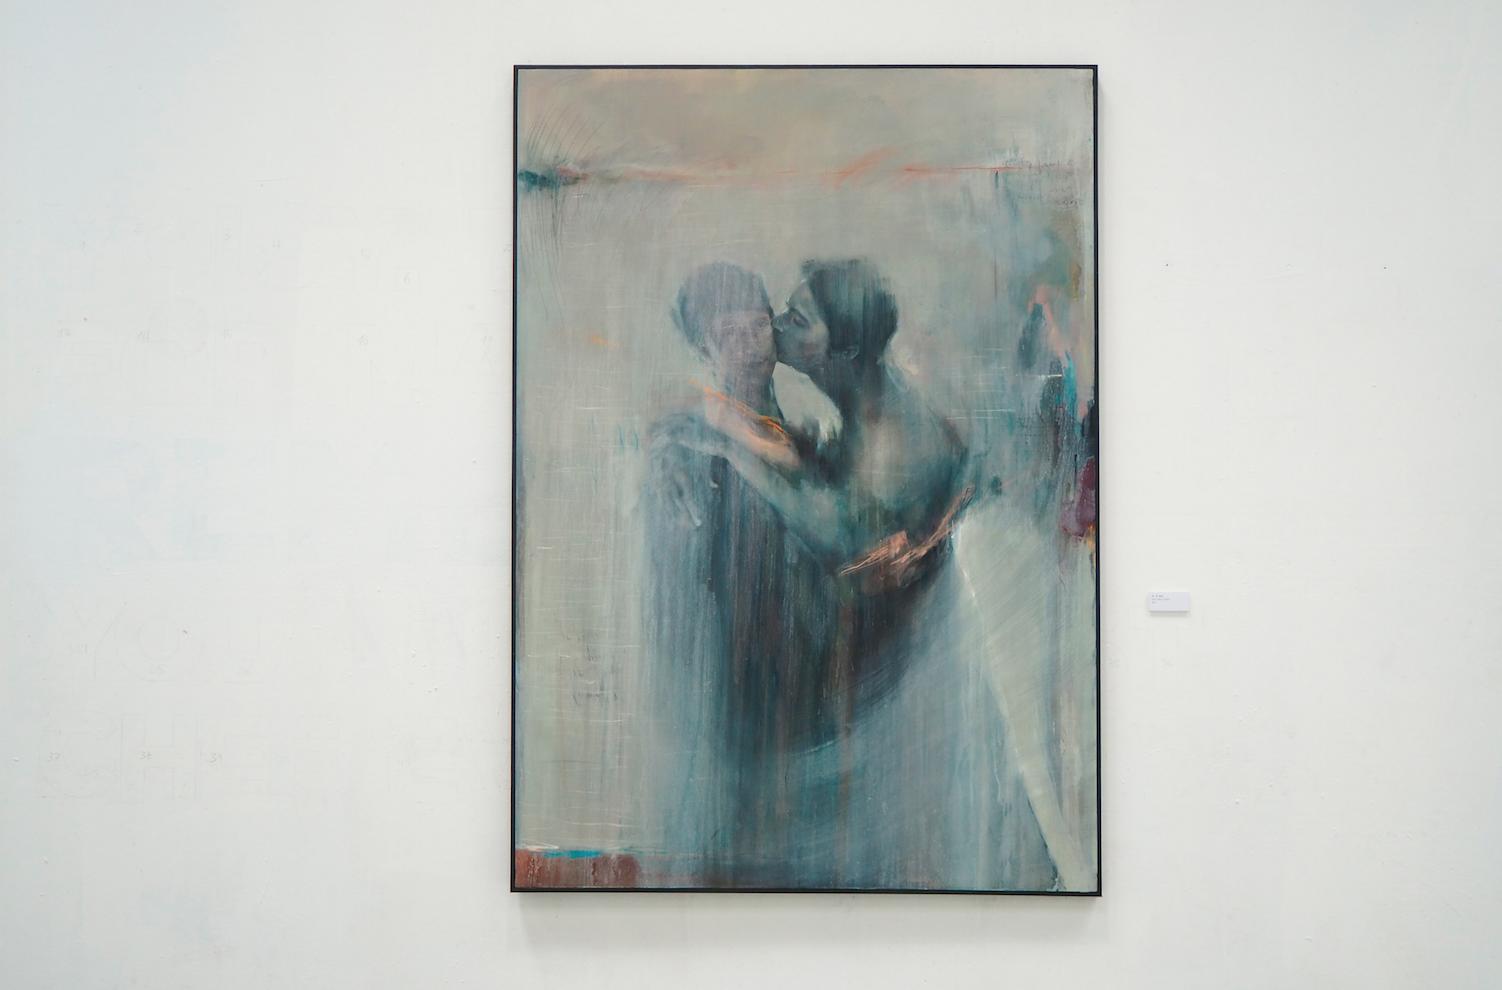 Carlos Herraiz, The Kiss, 2018